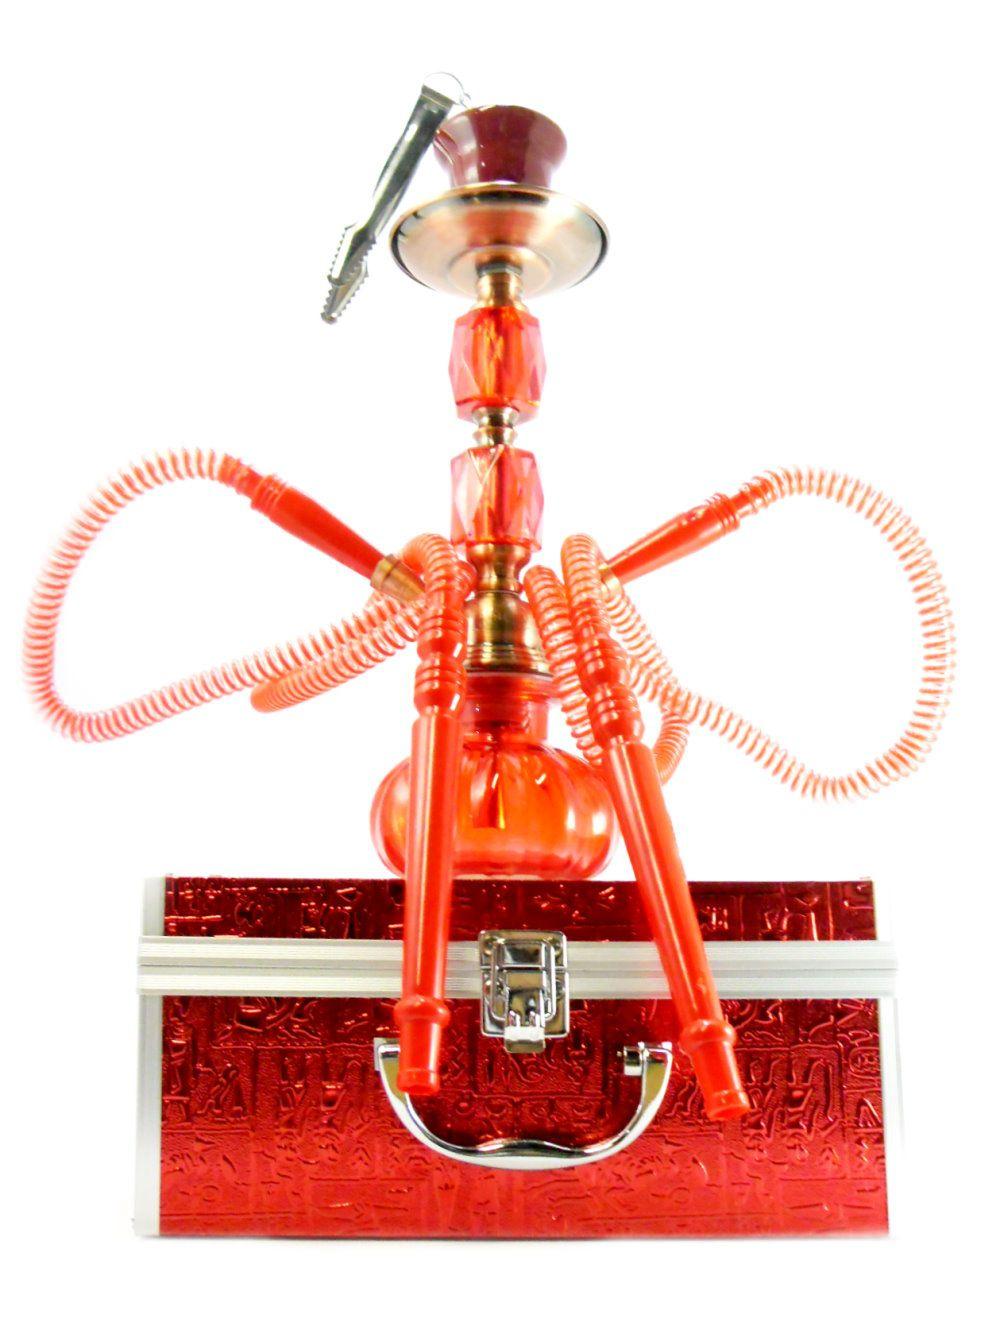 Narguile médio (30cm) de duas mangueiras com MALETA vermelho, rosh octa, controlador (kaloud), fogareiro e carvão 1kg.